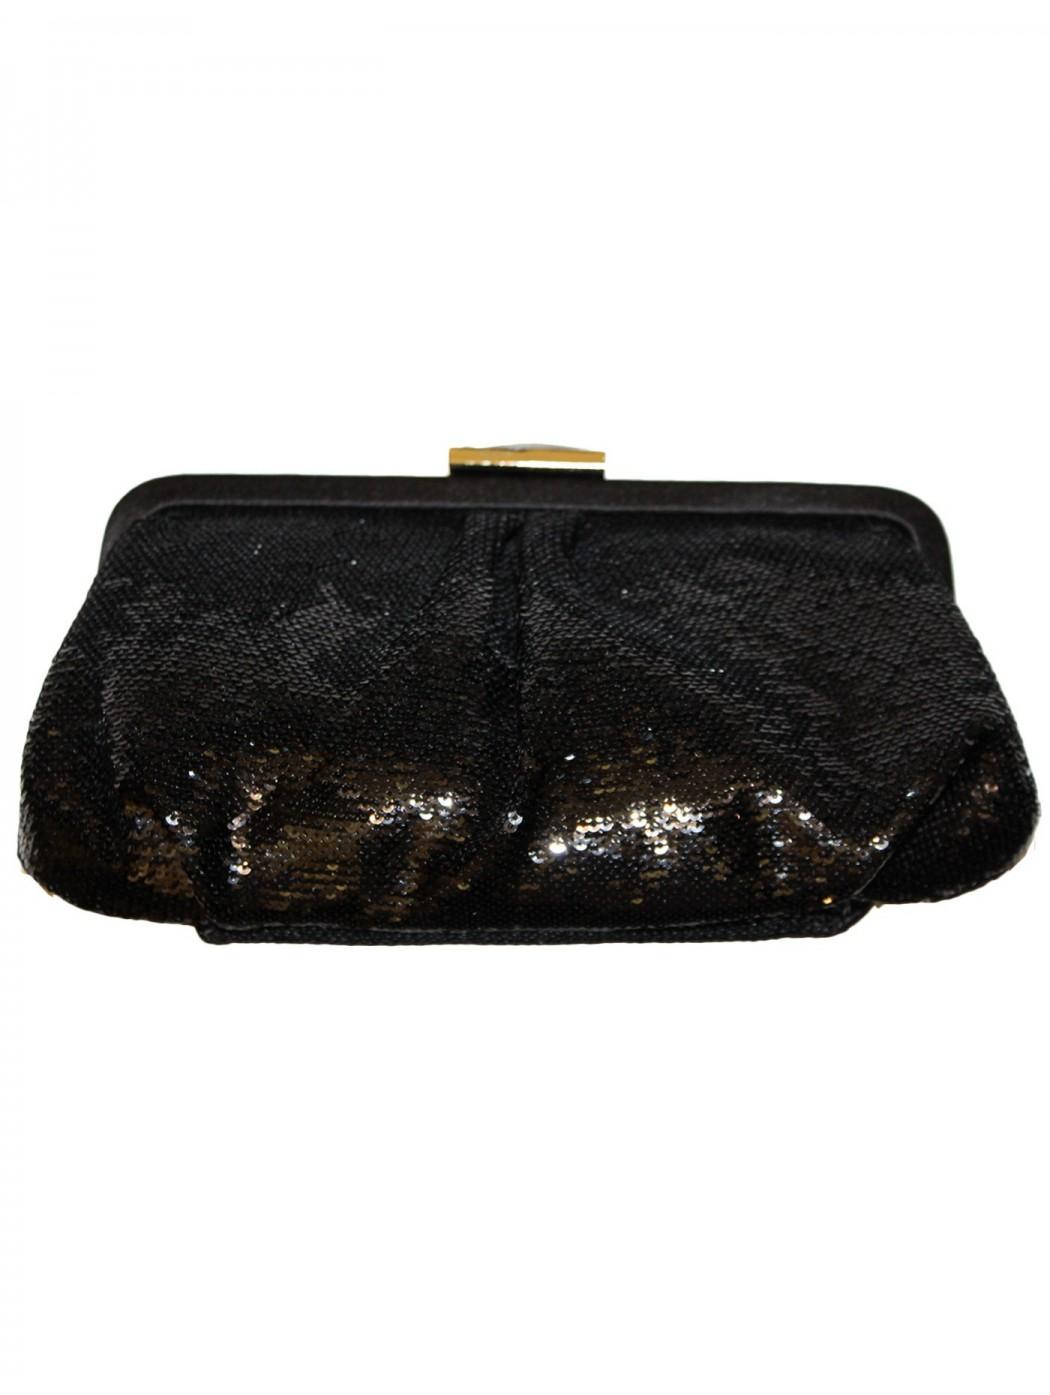 Pochette nera con paillettes acx675